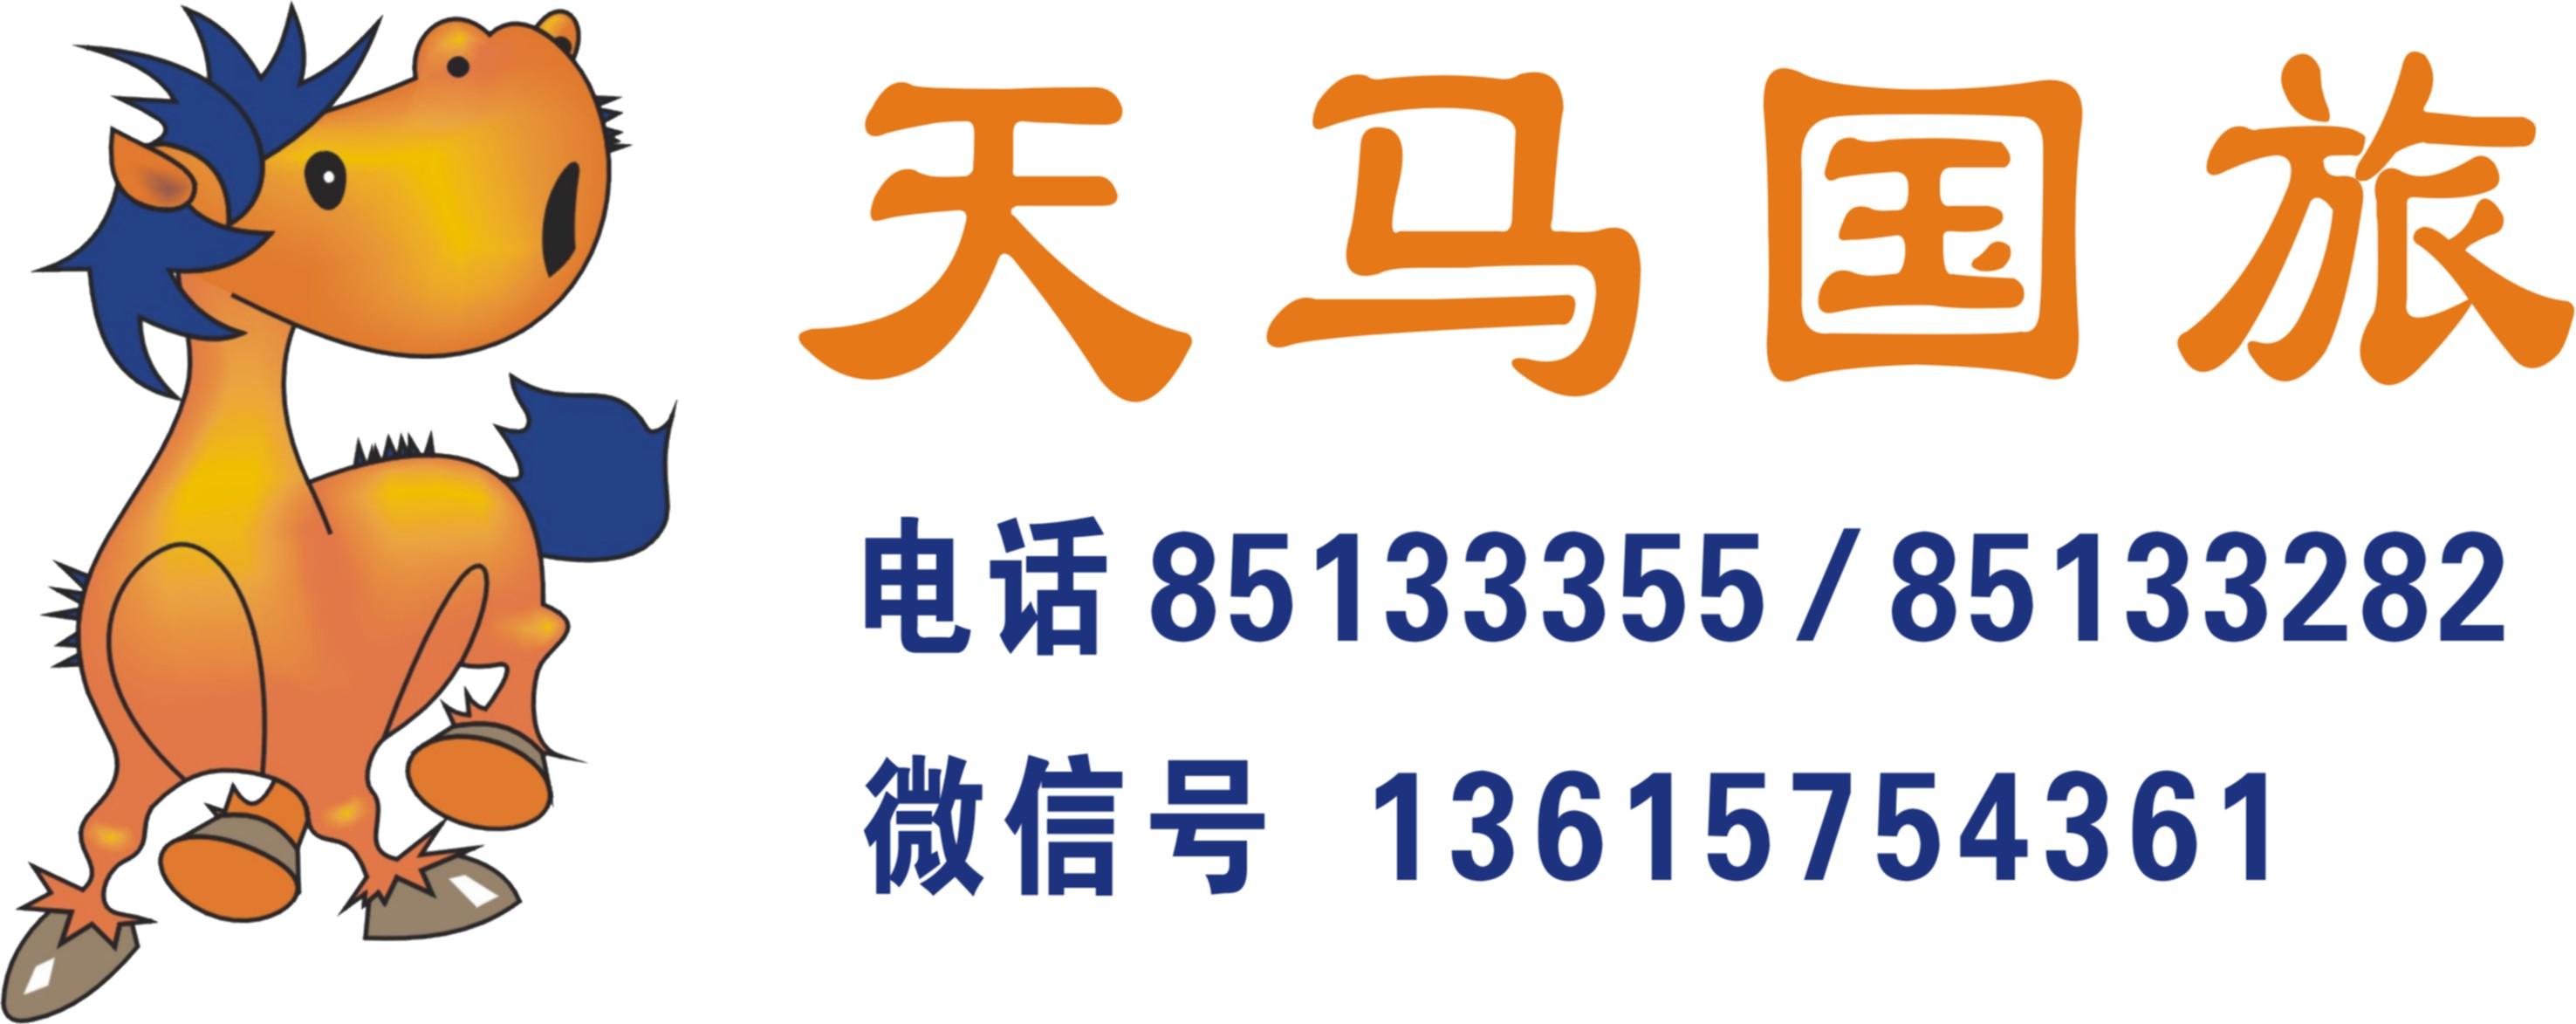 7.27【上海迪士尼乐园欢乐一日游】